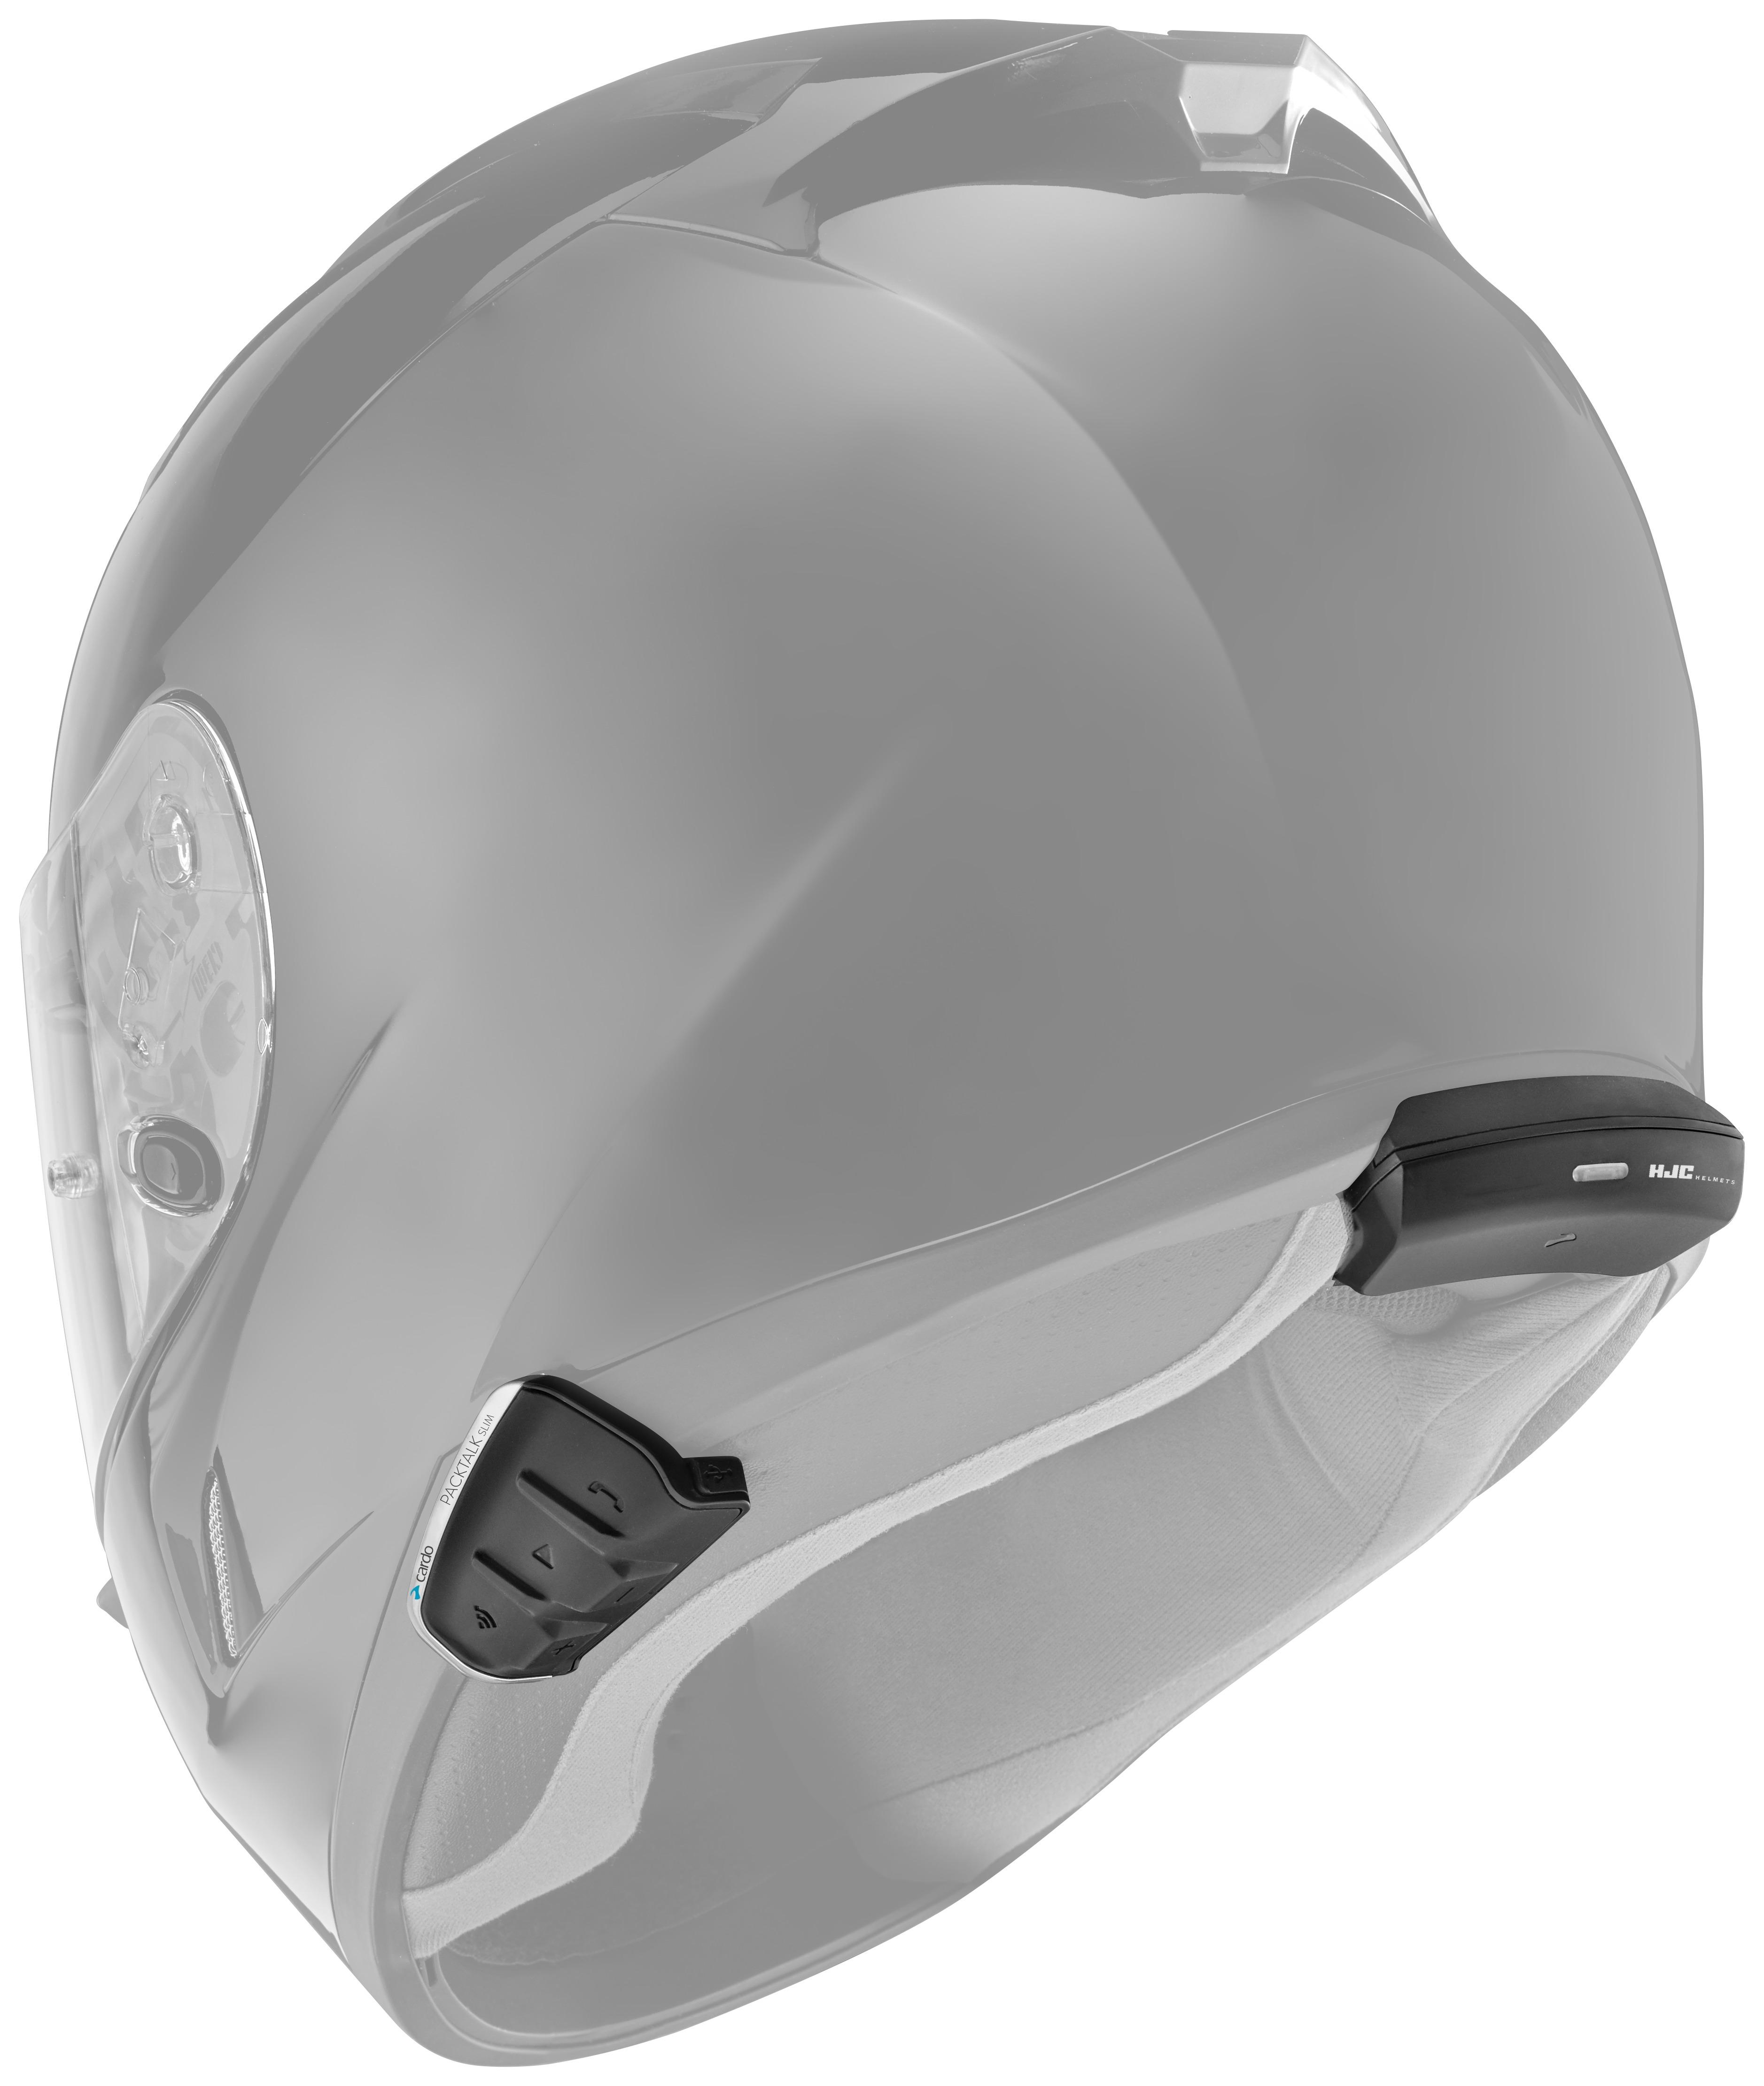 Cardo System Inc Freecom 2 Communication System Helmet Accessories